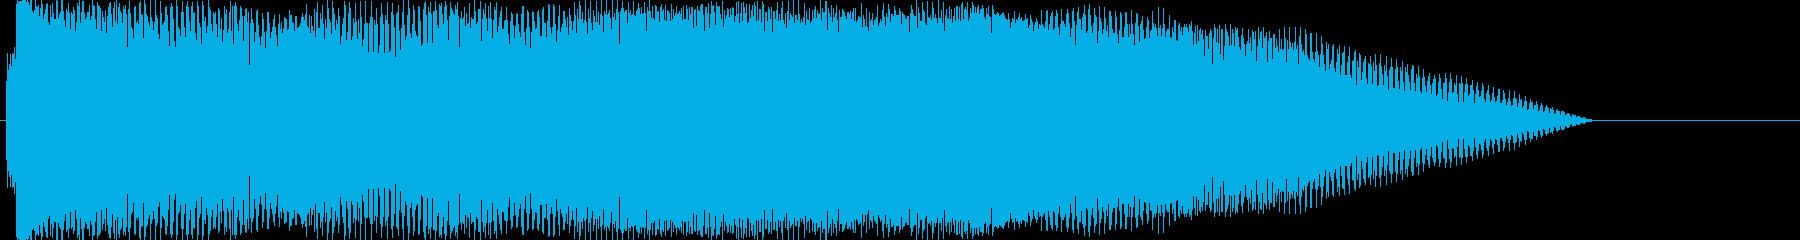 ドーン②(バンドの登場シーン・場面転換)の再生済みの波形